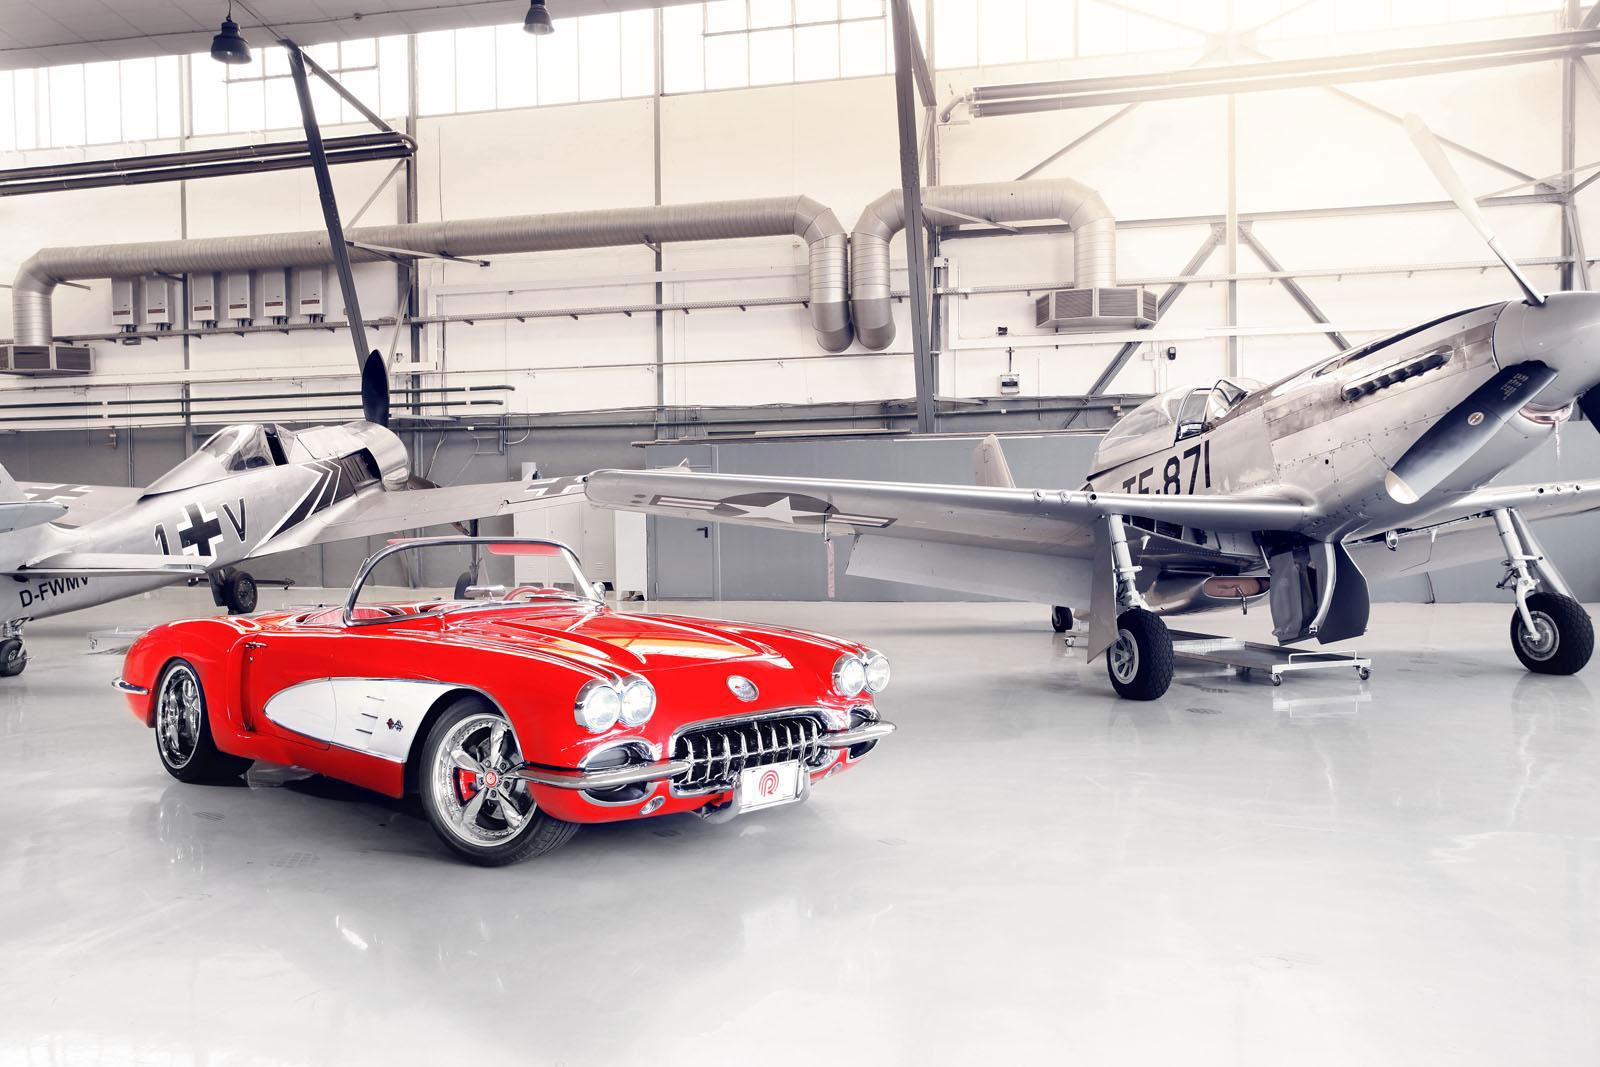 Chevrolet Corvette prošel dokonalou modernizací 5